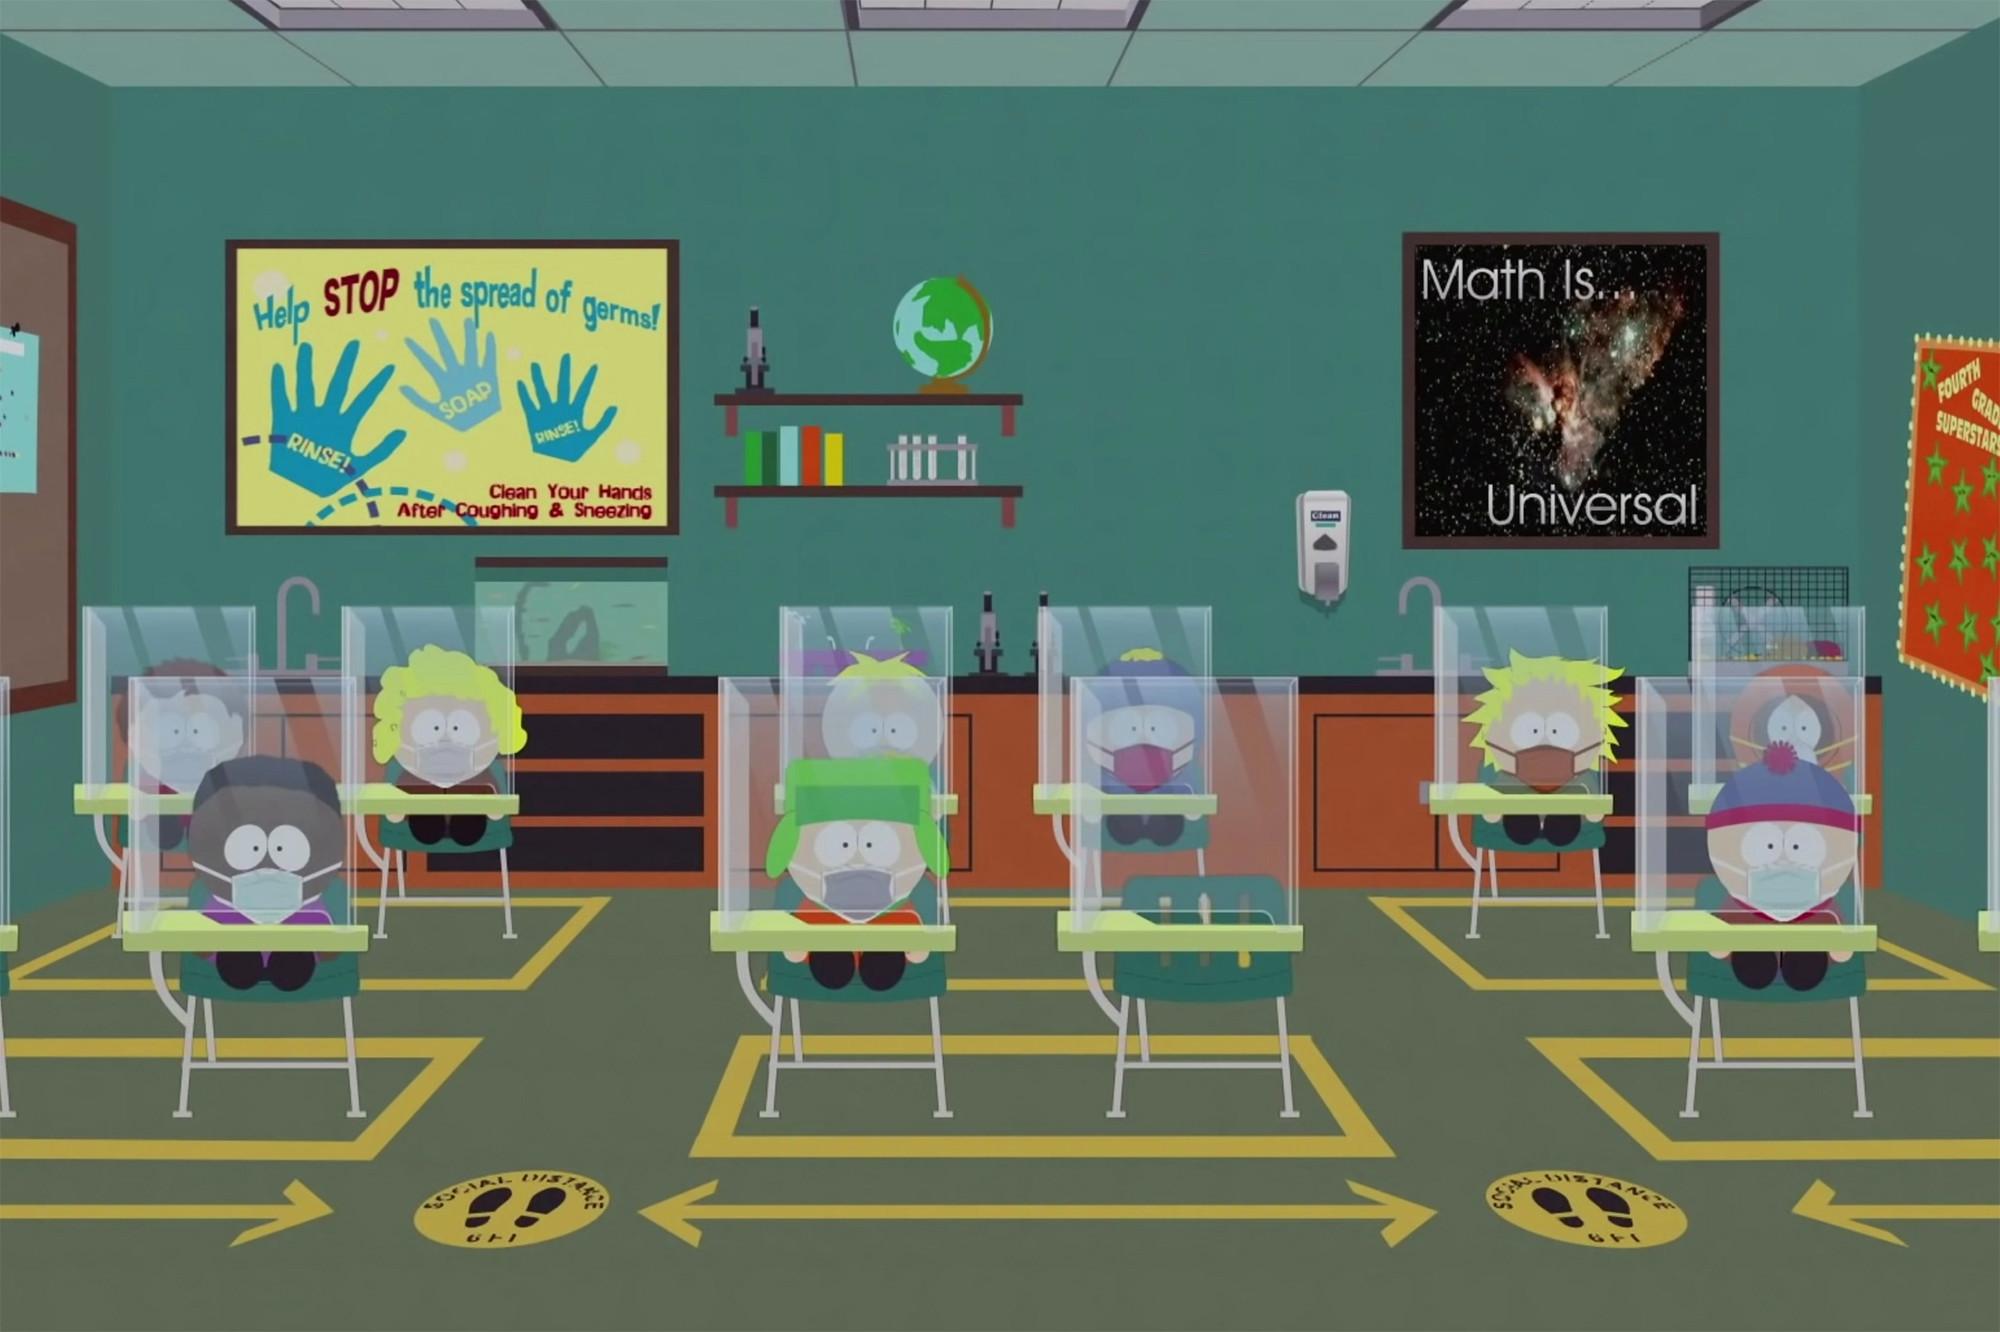 Cena da série South Park. Na animação, alguns personagens estão reunidos em uma sala de aula, sentados na cadeira de suas carteiras, com uma proteção transparente os isolando. Com exceção do primeiro personagem à esquerda, que é negro, todos os demais são brancos. Todos utilizam máscaras. Ao fundo estão dois posters, um sobre higienizar as mãos, composto na cor amarelo, vermelho e azul, e o outro com uma imagem da galáxia, escrito que matemática é universal. No chão estão desenhadas setas e o espaço delimitado para as carteiras em cor amarela, destacando o isolamento.